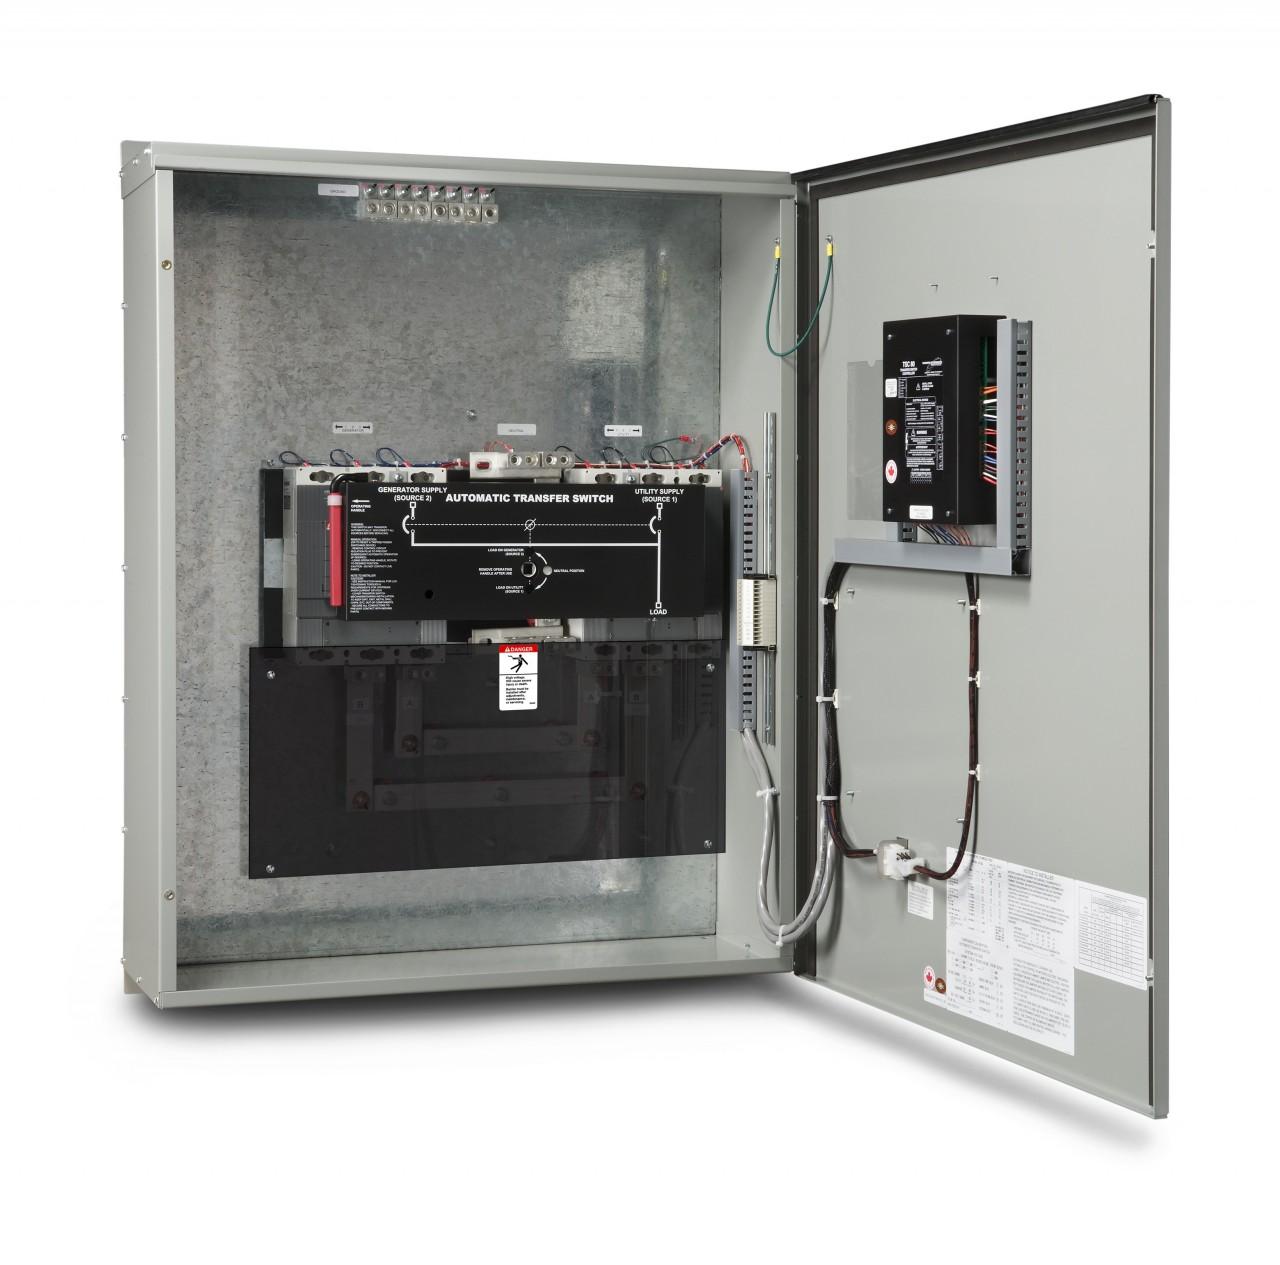 Thomson TS840SE Auto Transfer Switch (1Ph, 200A)